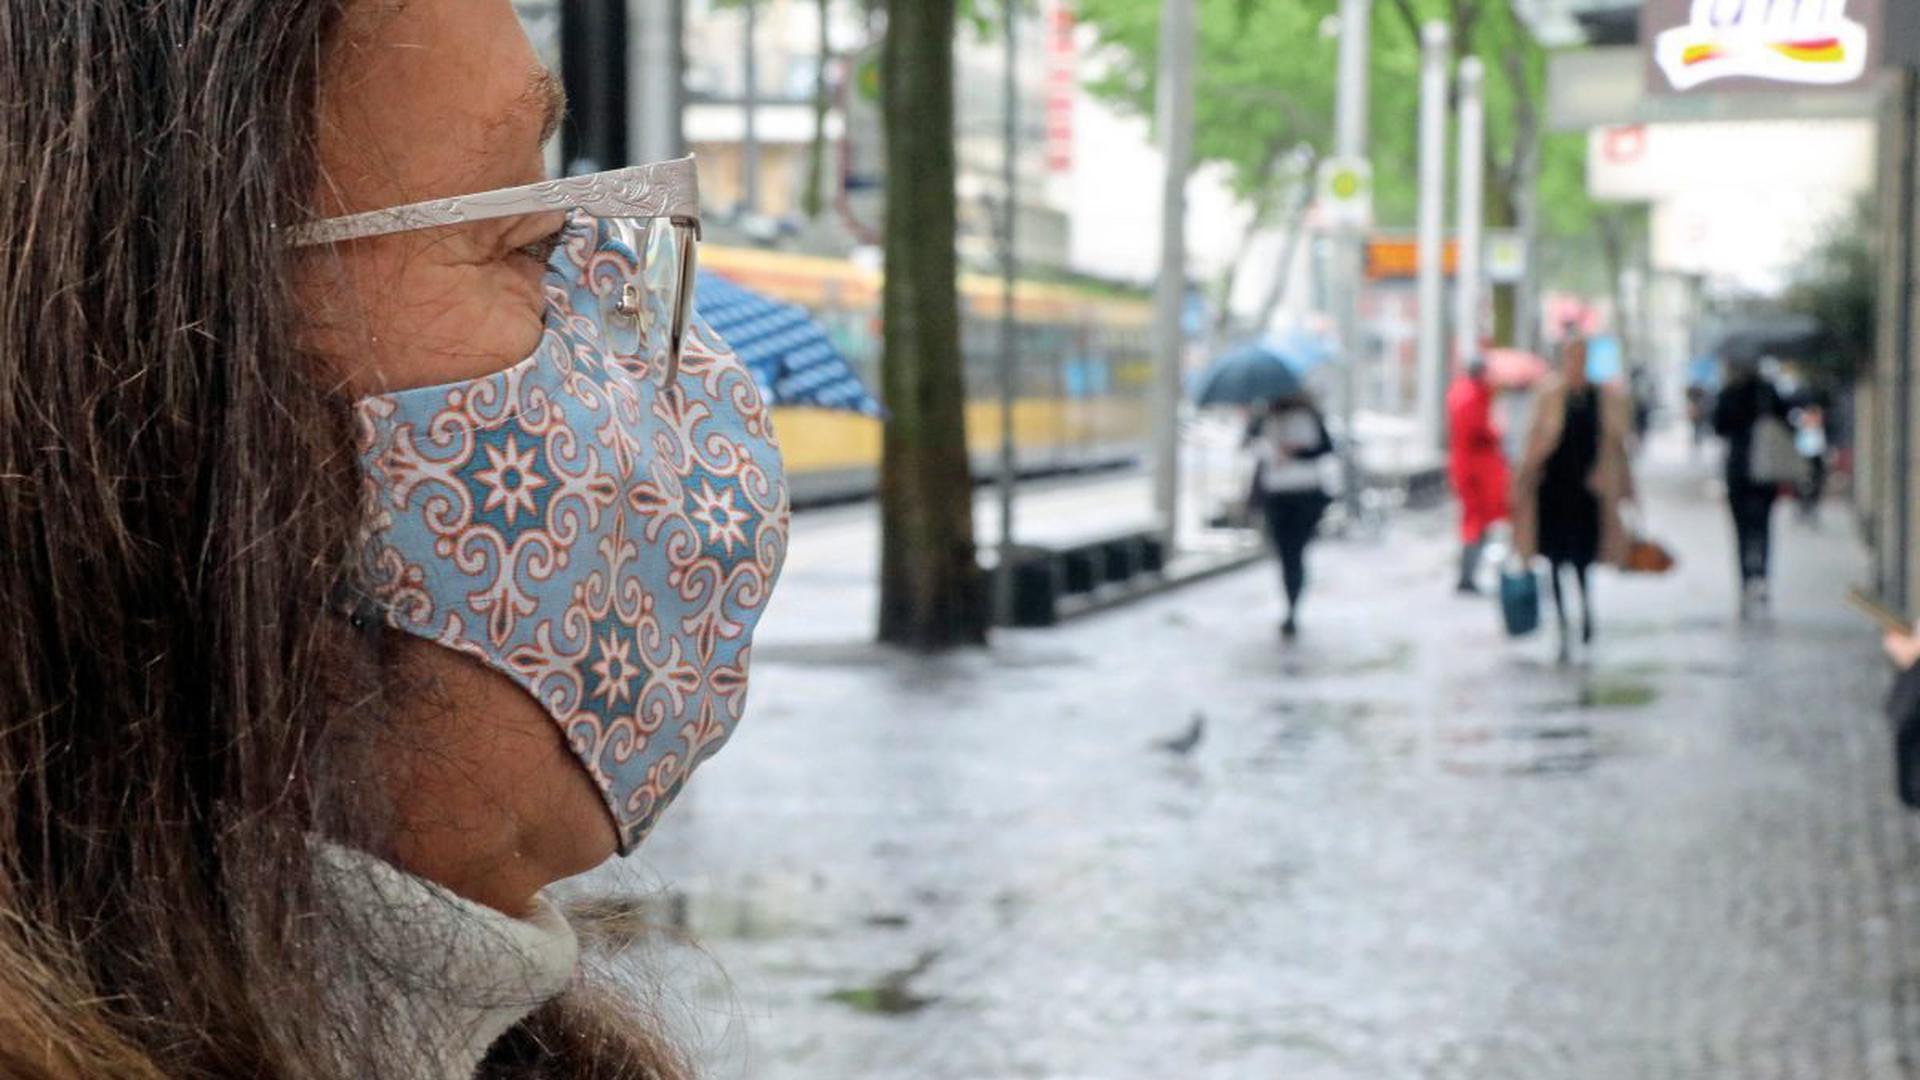 Streitobjekt: Wer von der Pflicht, einen Mund-Nasen-Schutz zu tragen, befreit ist, ist noch nicht allen klar.